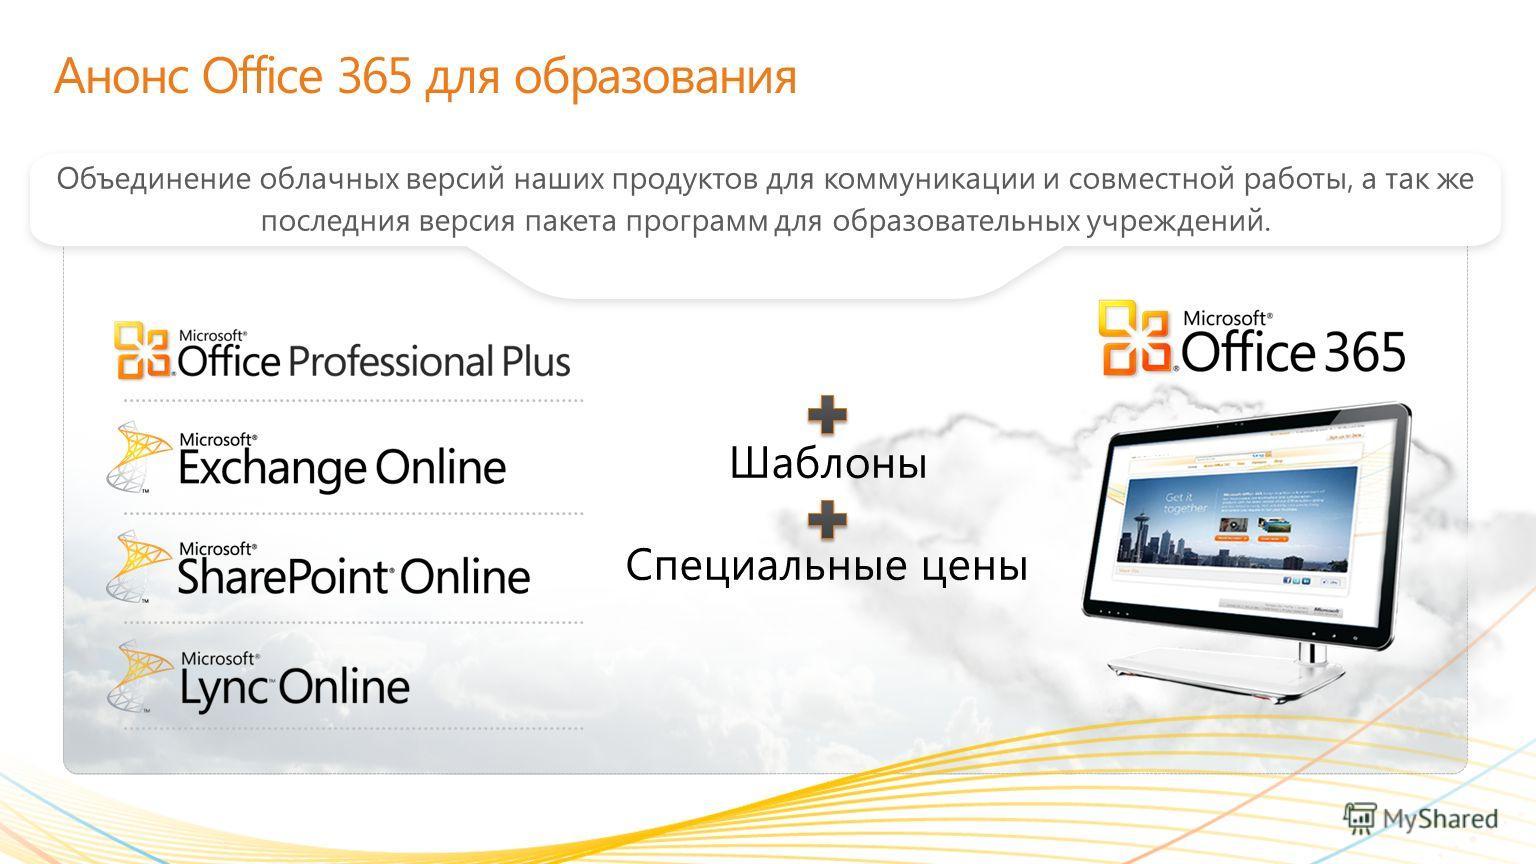 Анонс Office 365 для образования Объединение облачных версий наших продуктов для коммуникации и совместной работы, а так же последния версия пакета программ для образовательных учреждений. Шаблоны Специальные цены